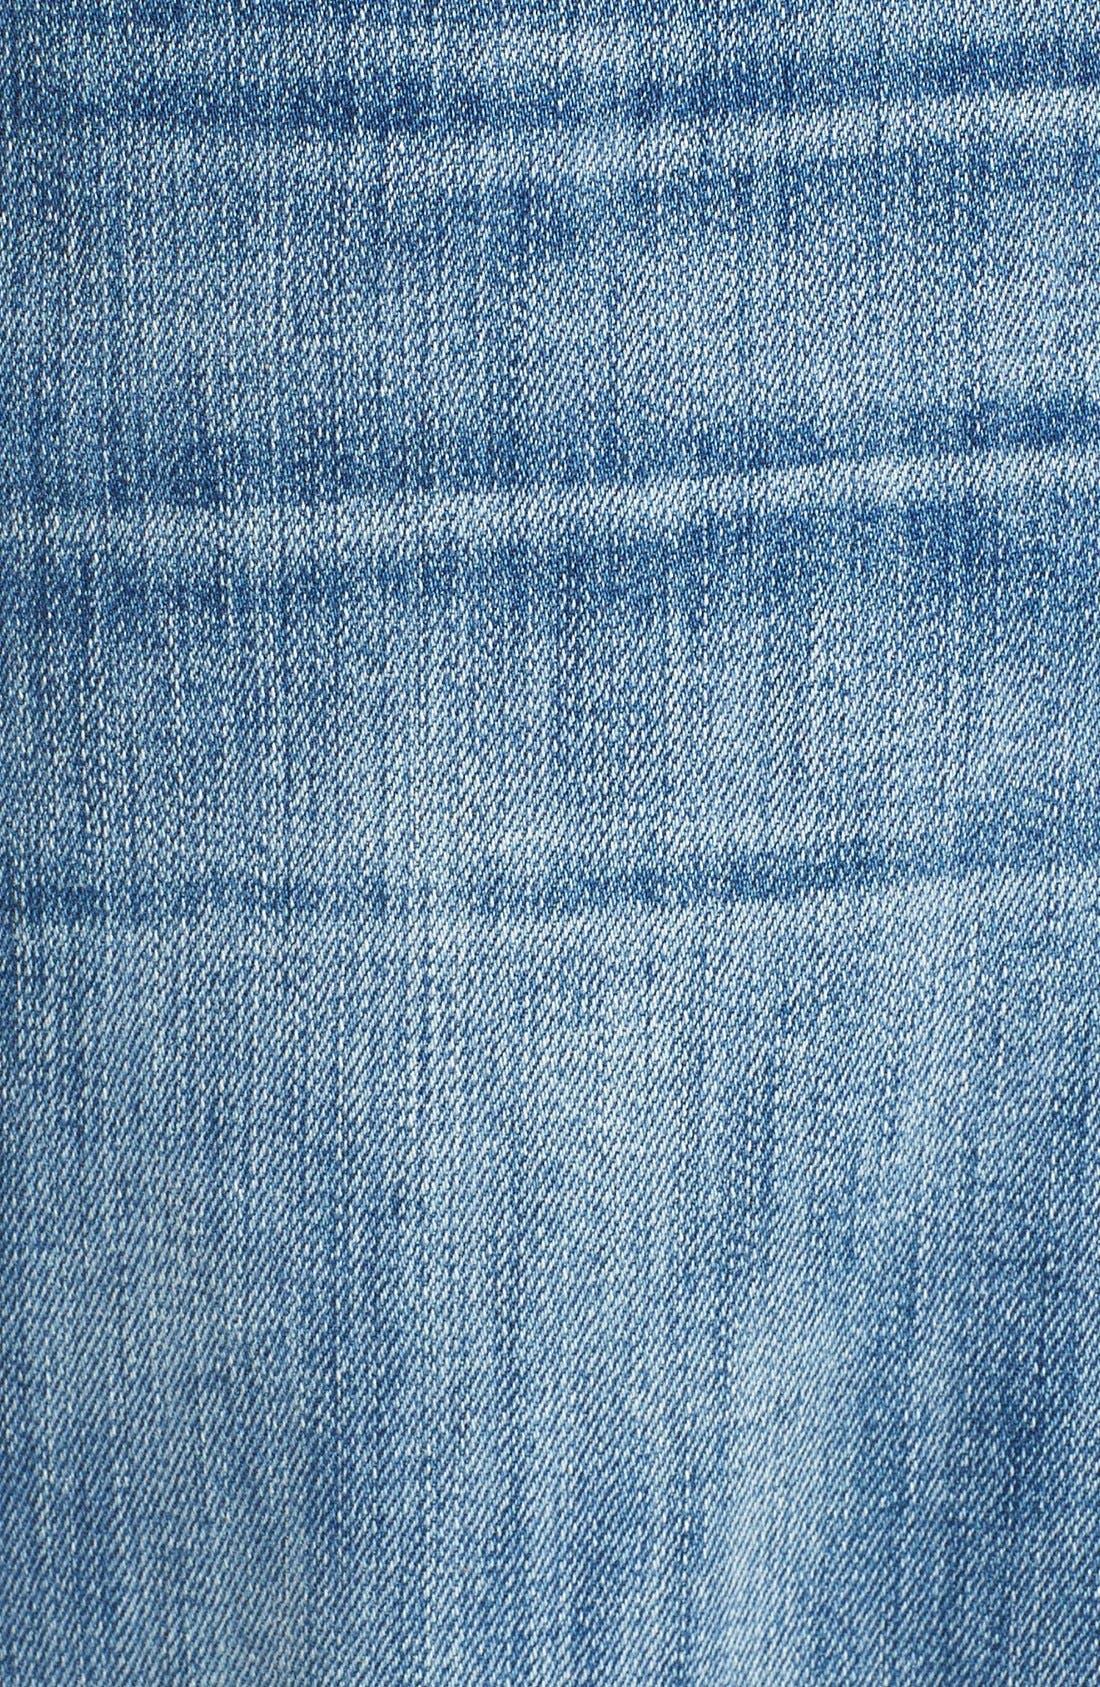 Alternate Image 5  - 7 For All Mankind® Austyn Relaxed Straight Leg Jeans (Nakkitta Blue)